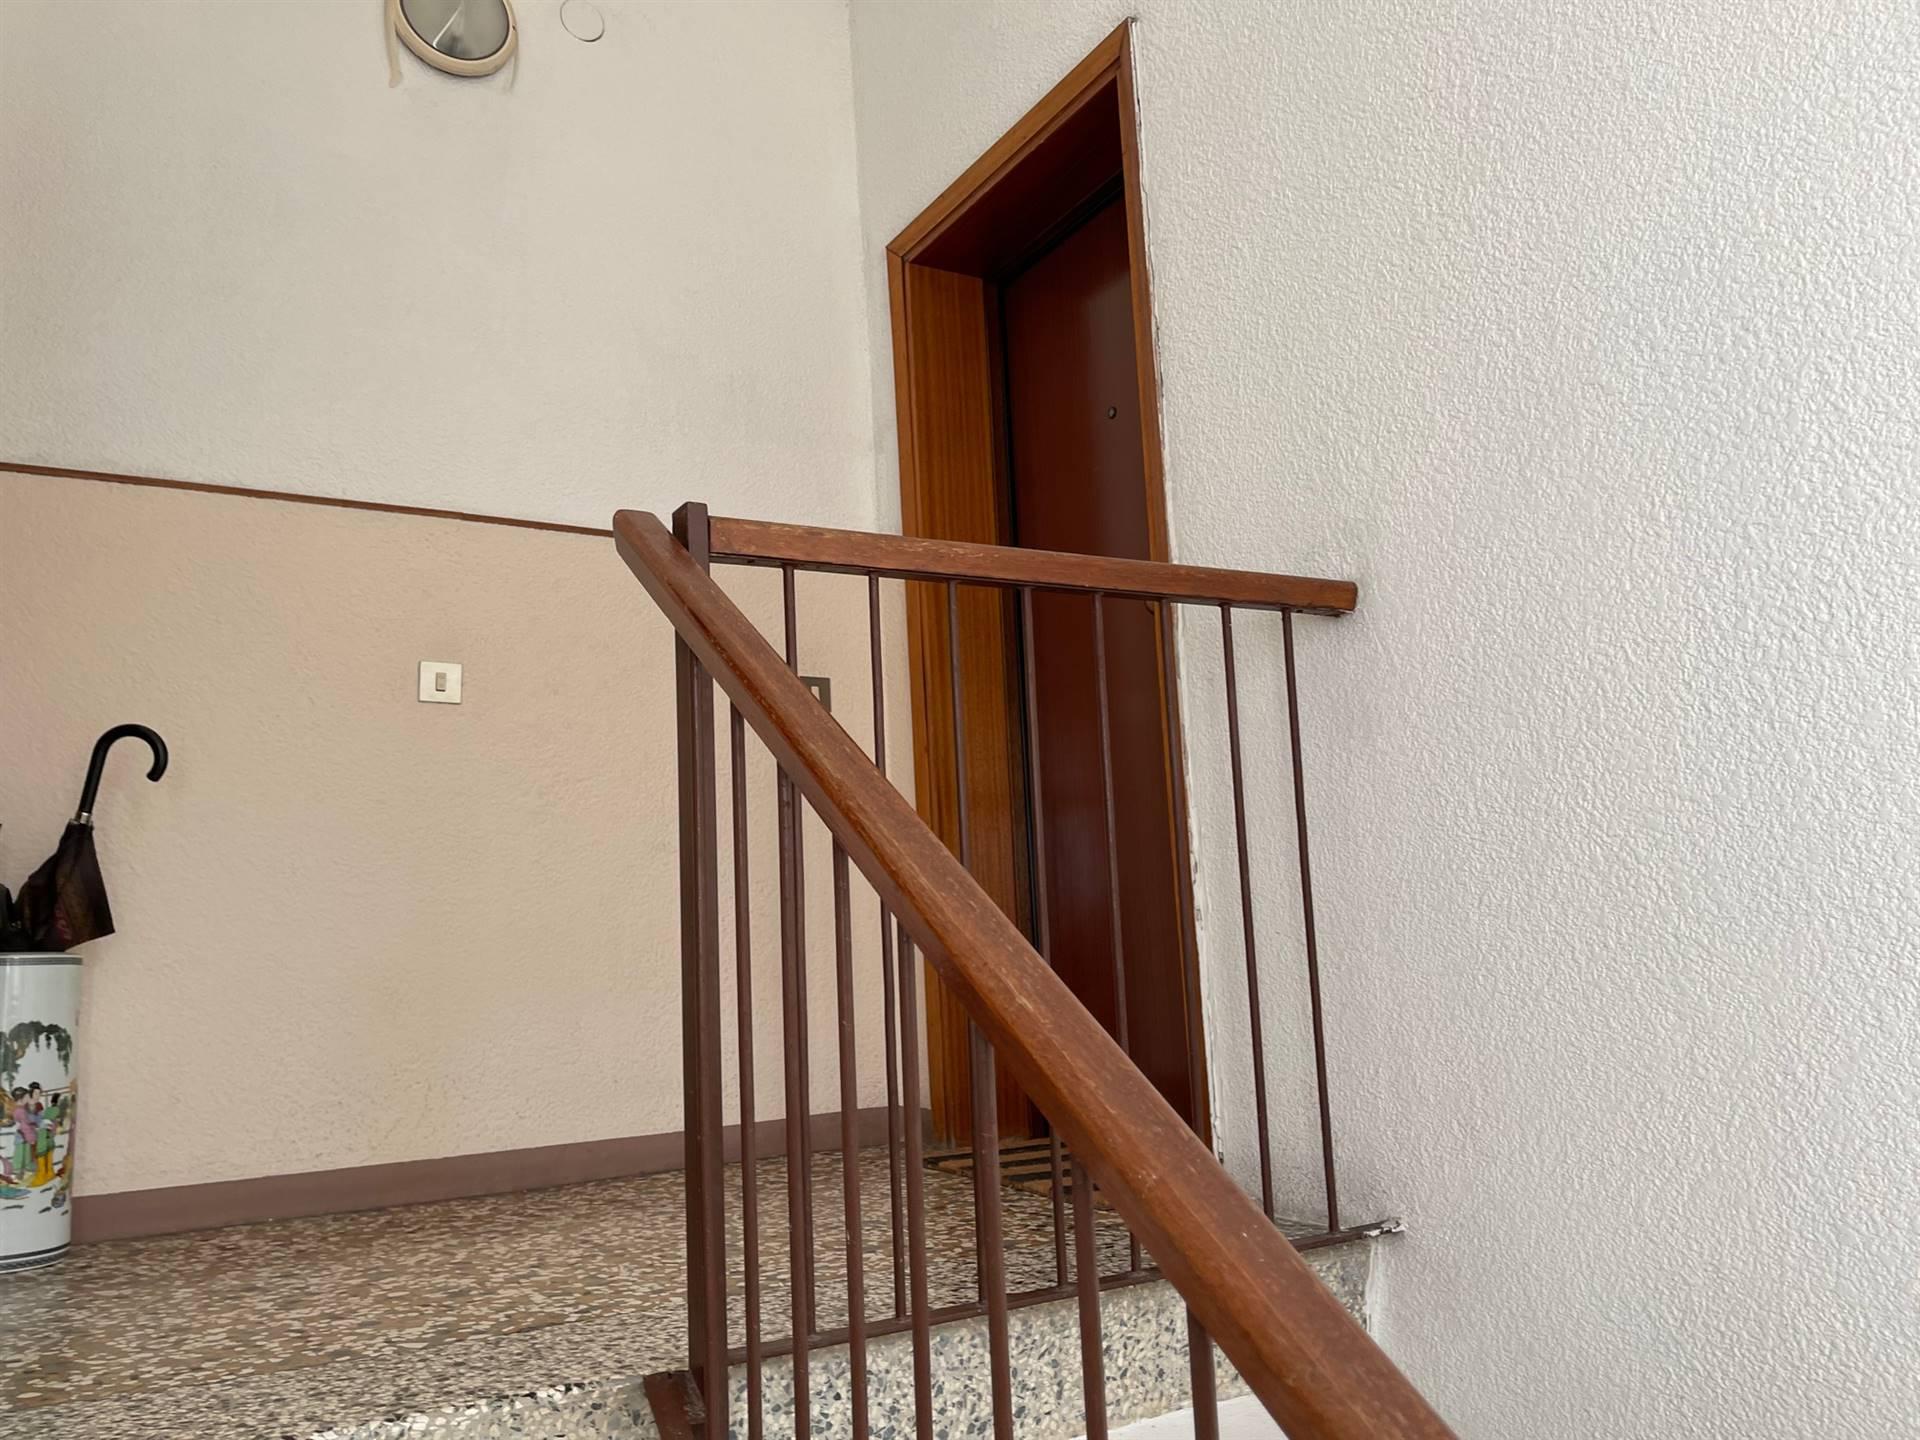 vano scale appartamento vendita Mestre euro 115000